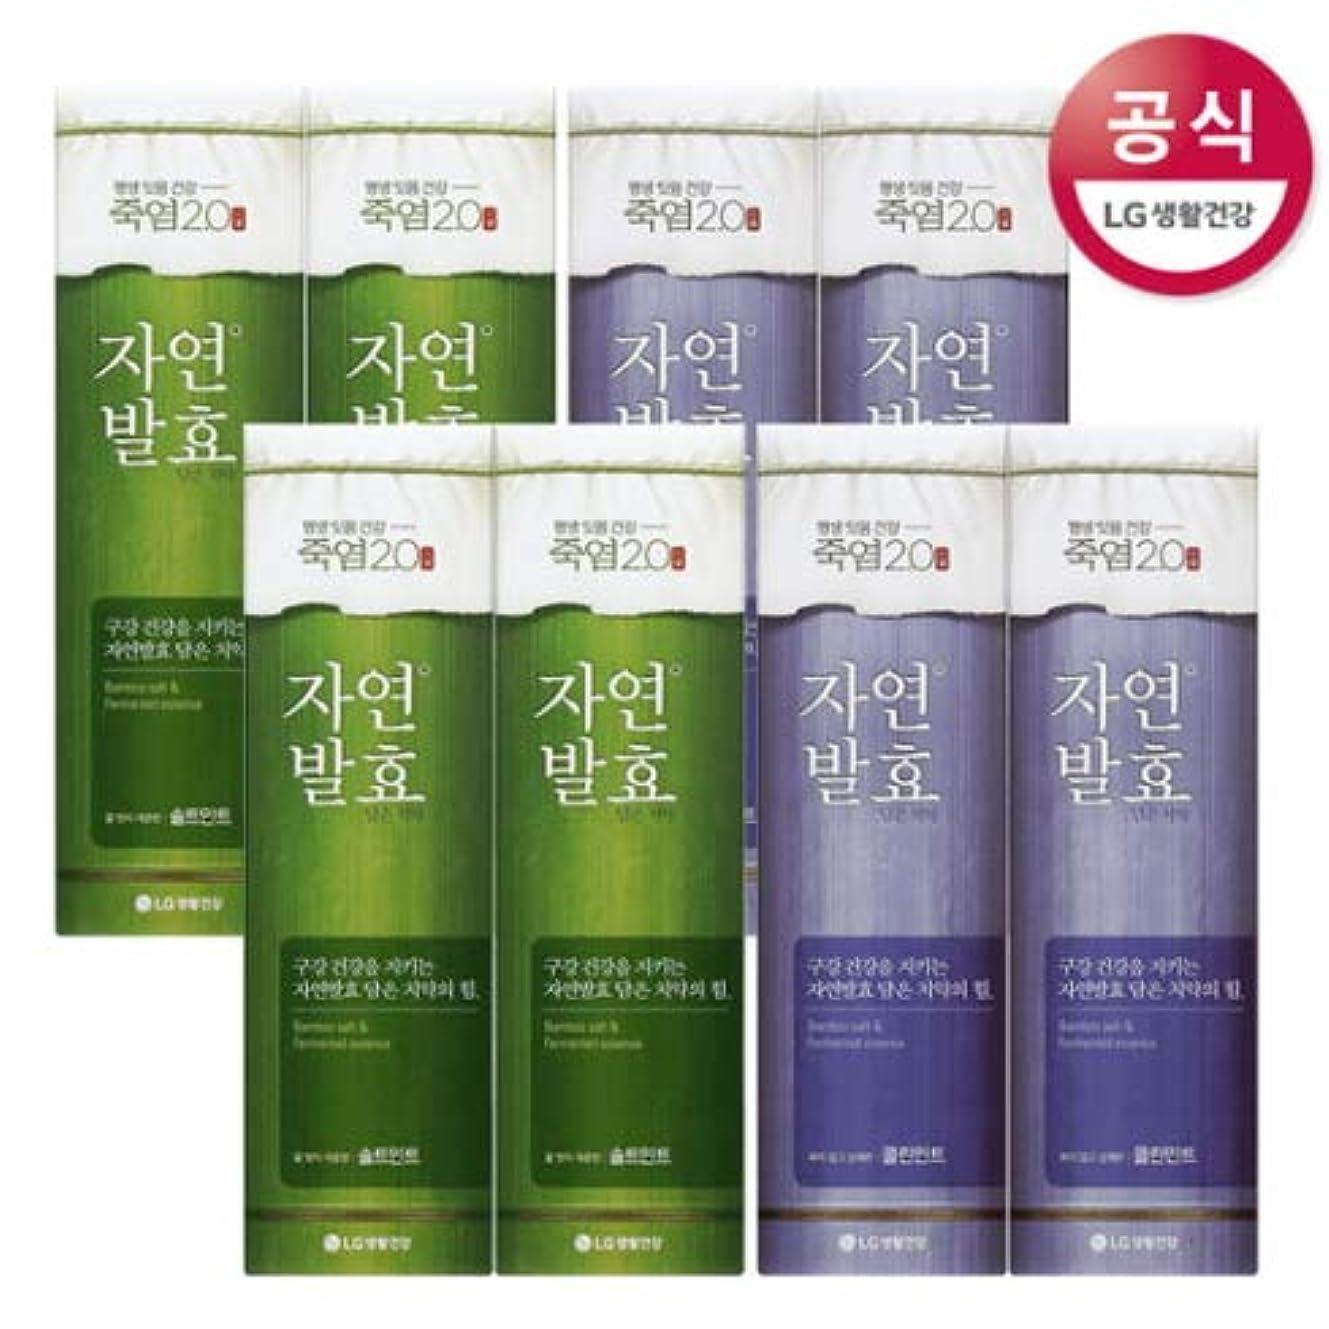 指標枠デッドロック[LG HnB] Bamboo salt natural fermentation toothpaste/竹塩自然発酵入れた歯磨き粉 100gx8個(海外直送品)